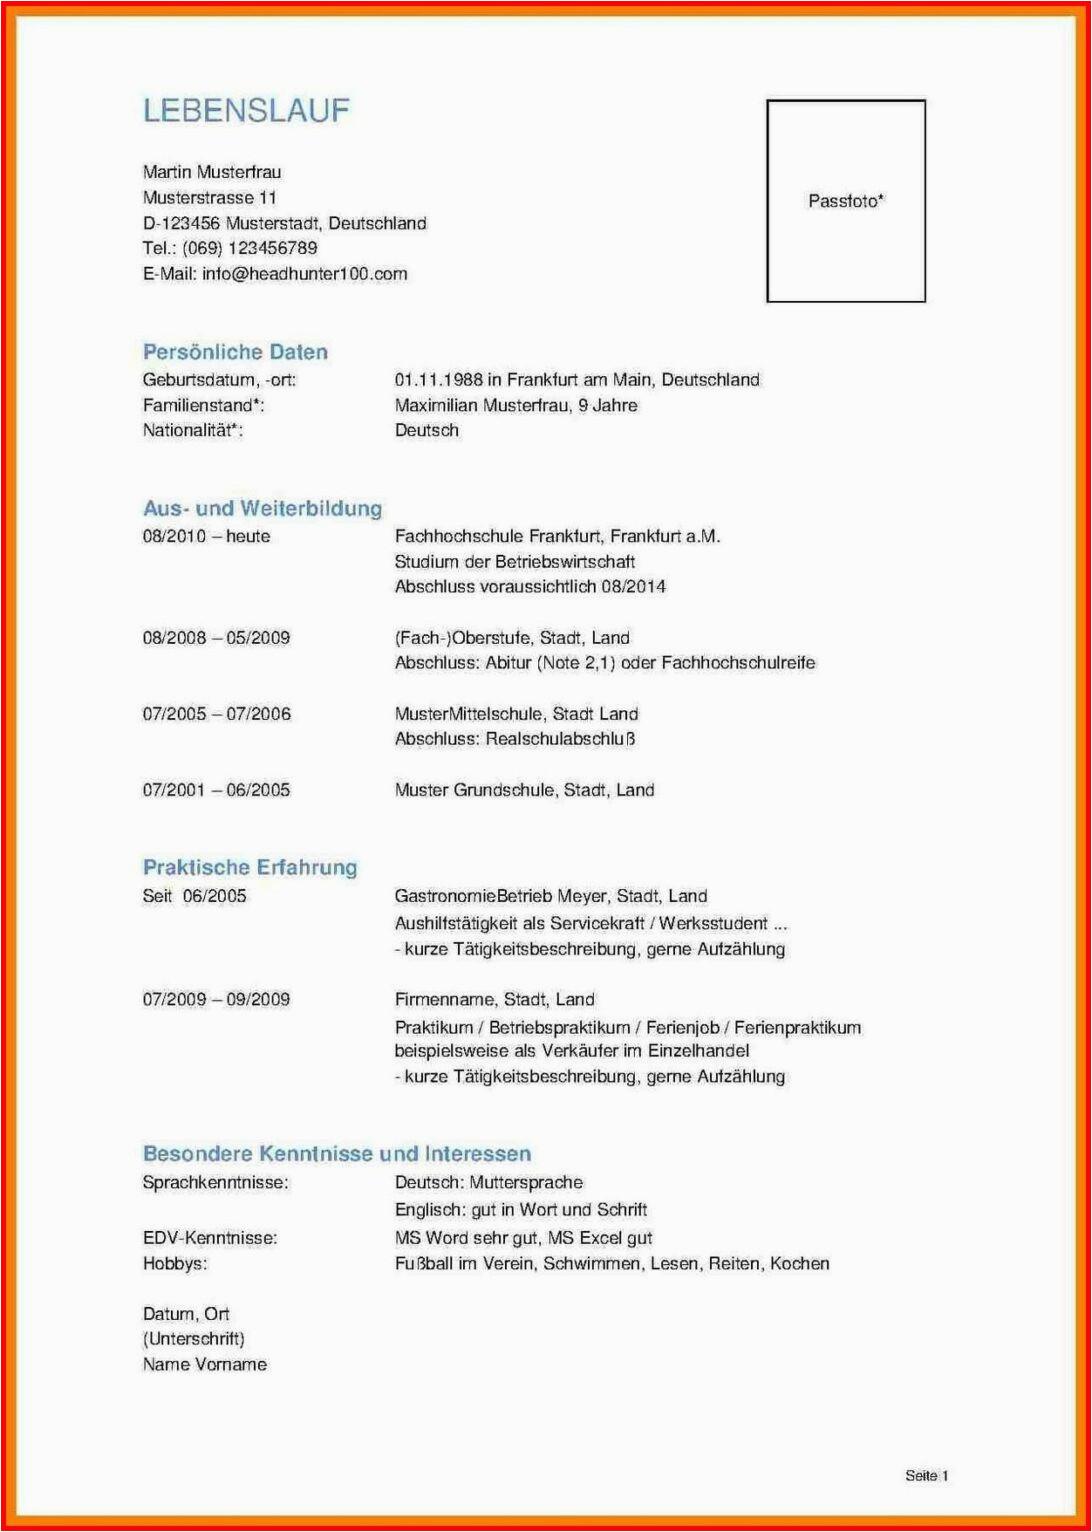 europass lebenslauf deutsch beispiel englisch muster vorlage tabellarischer doc word vorlagen student deutsch englisch pdf kostenlos interessen und 1092x1532